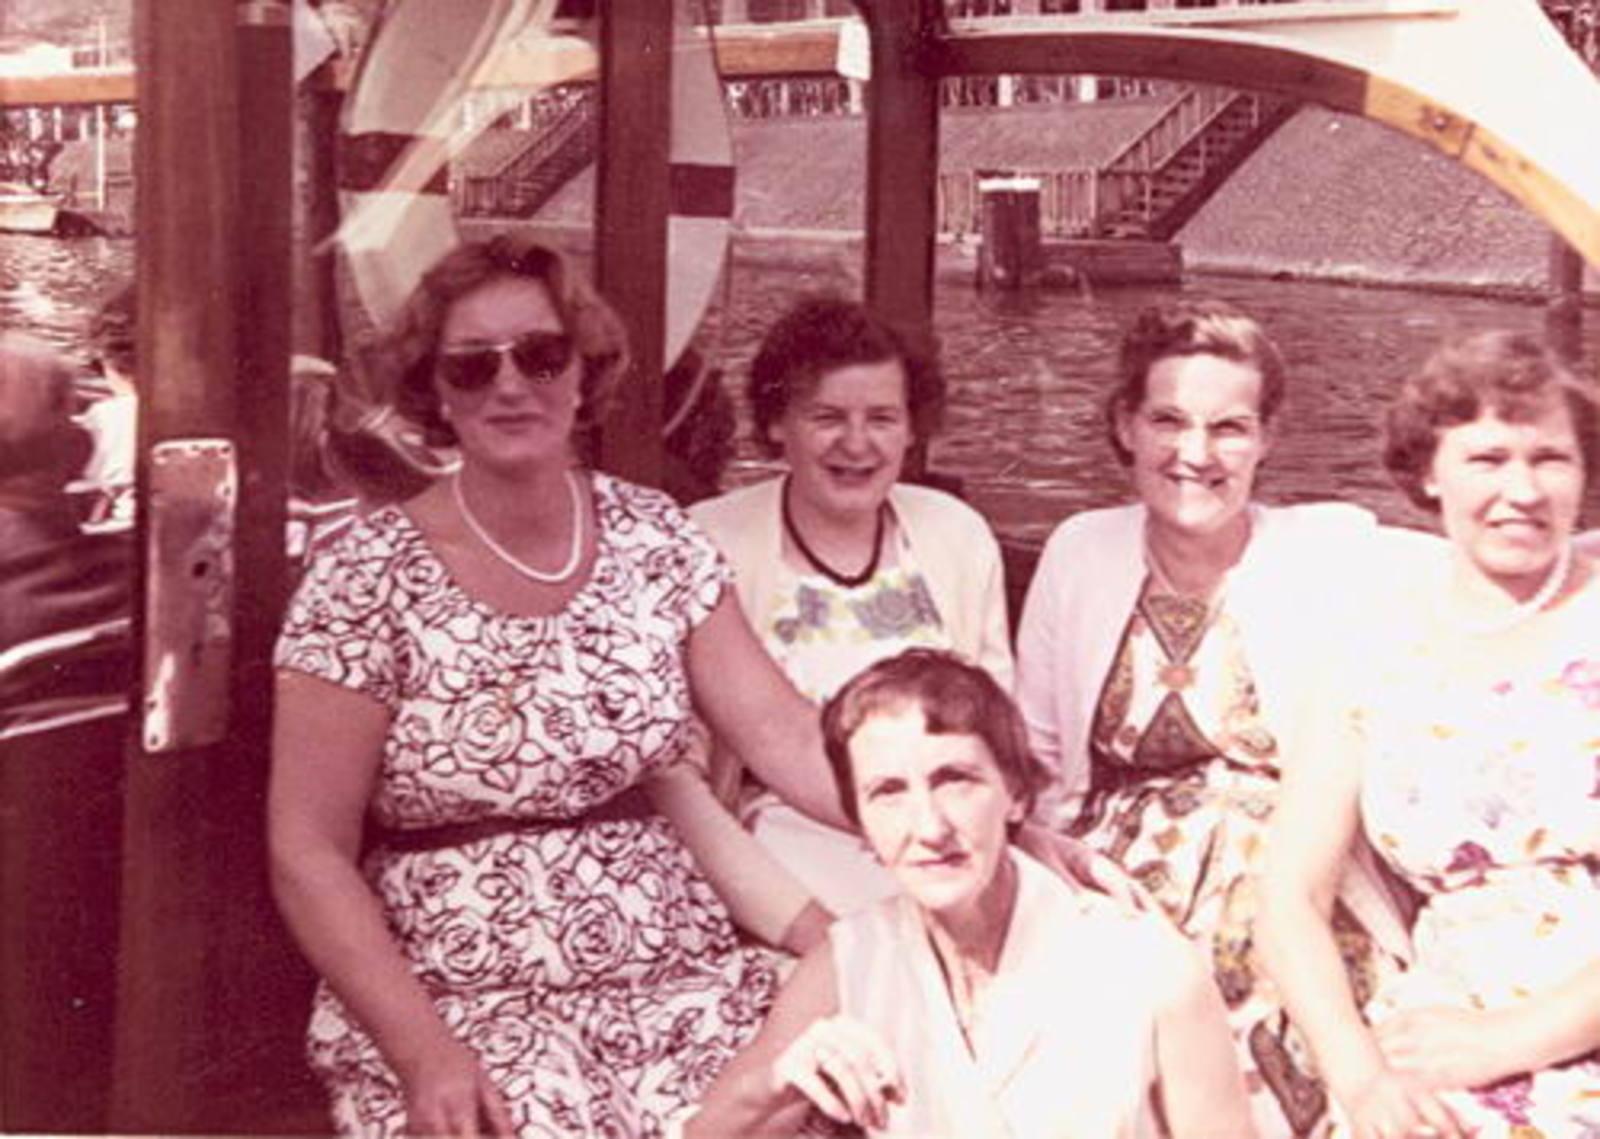 Imanse - Bliek Leentje 1920 1960+ met Kaartclub de Jokervrouwen in Amsterdam 02